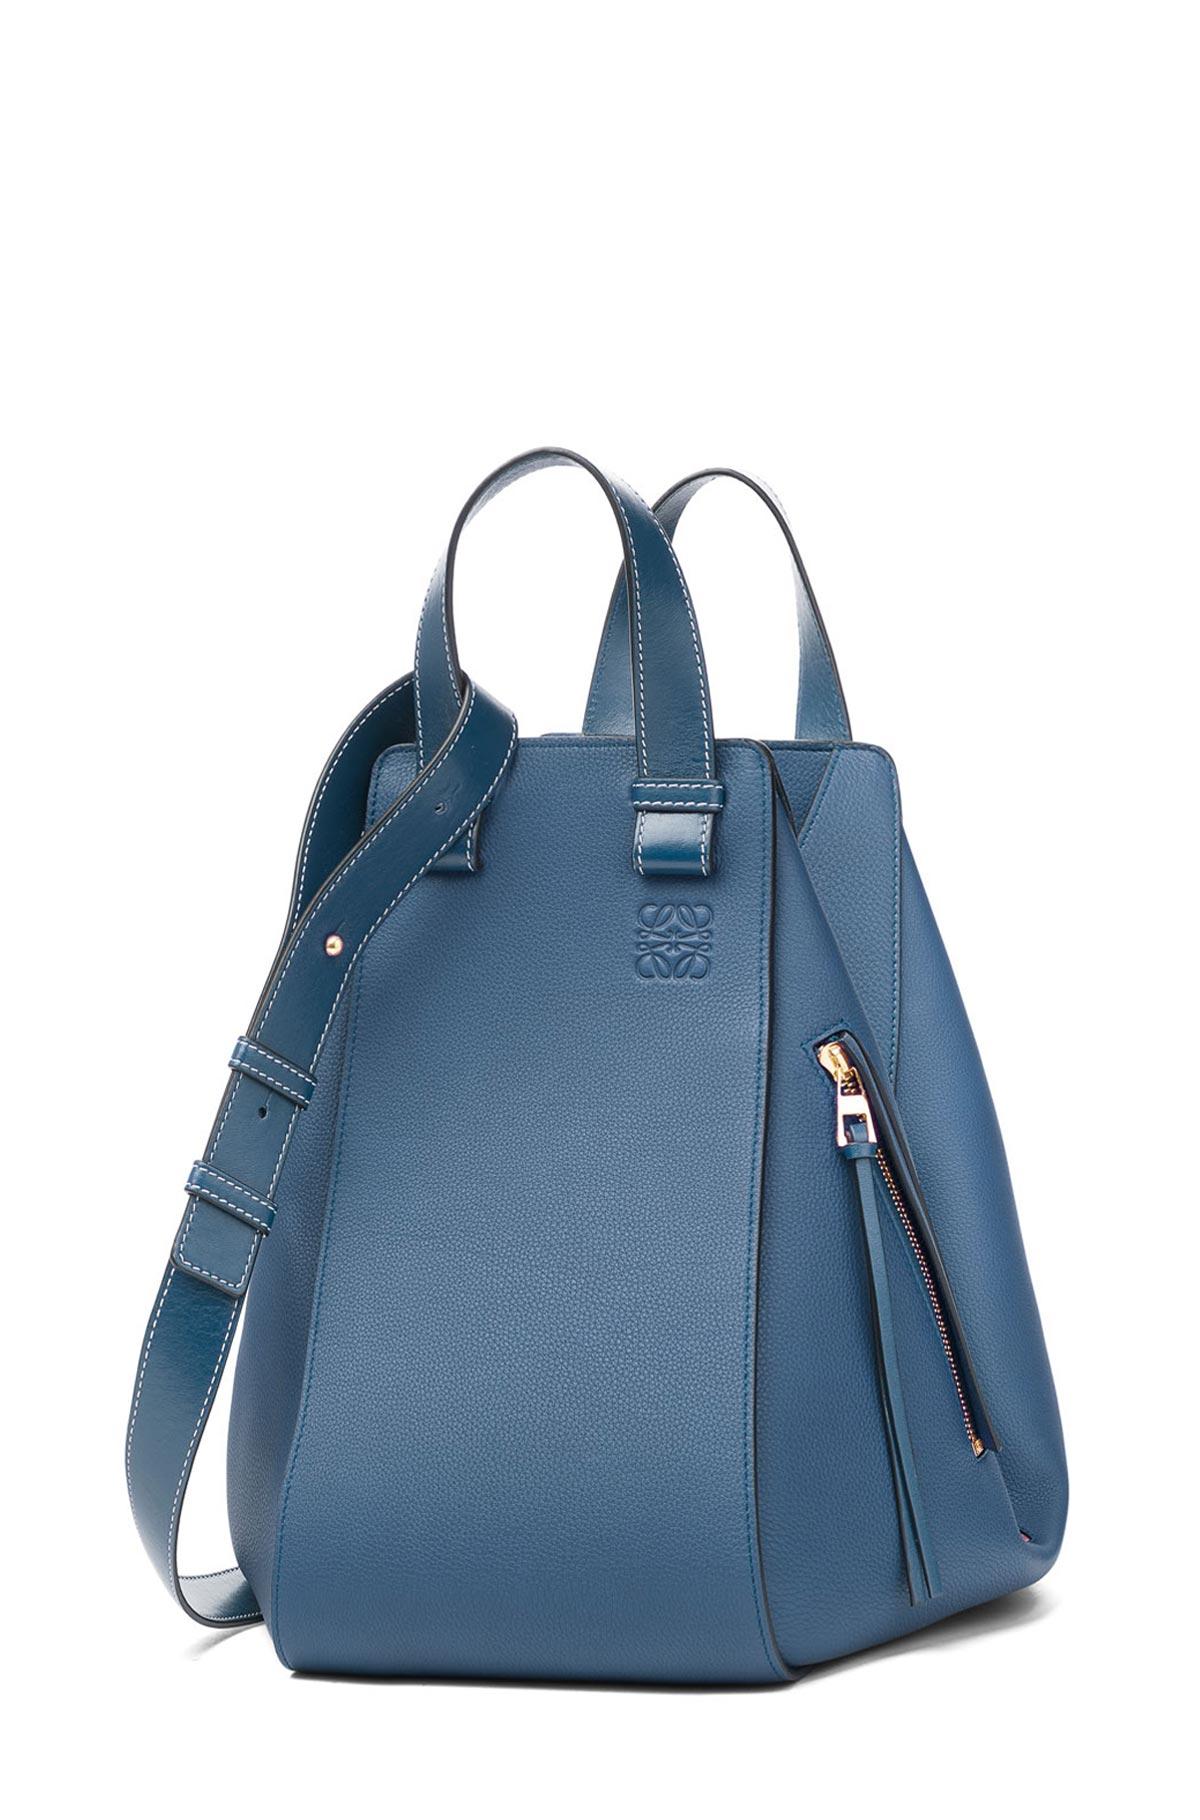 Hammock bag - Blue Loewe bkiyut